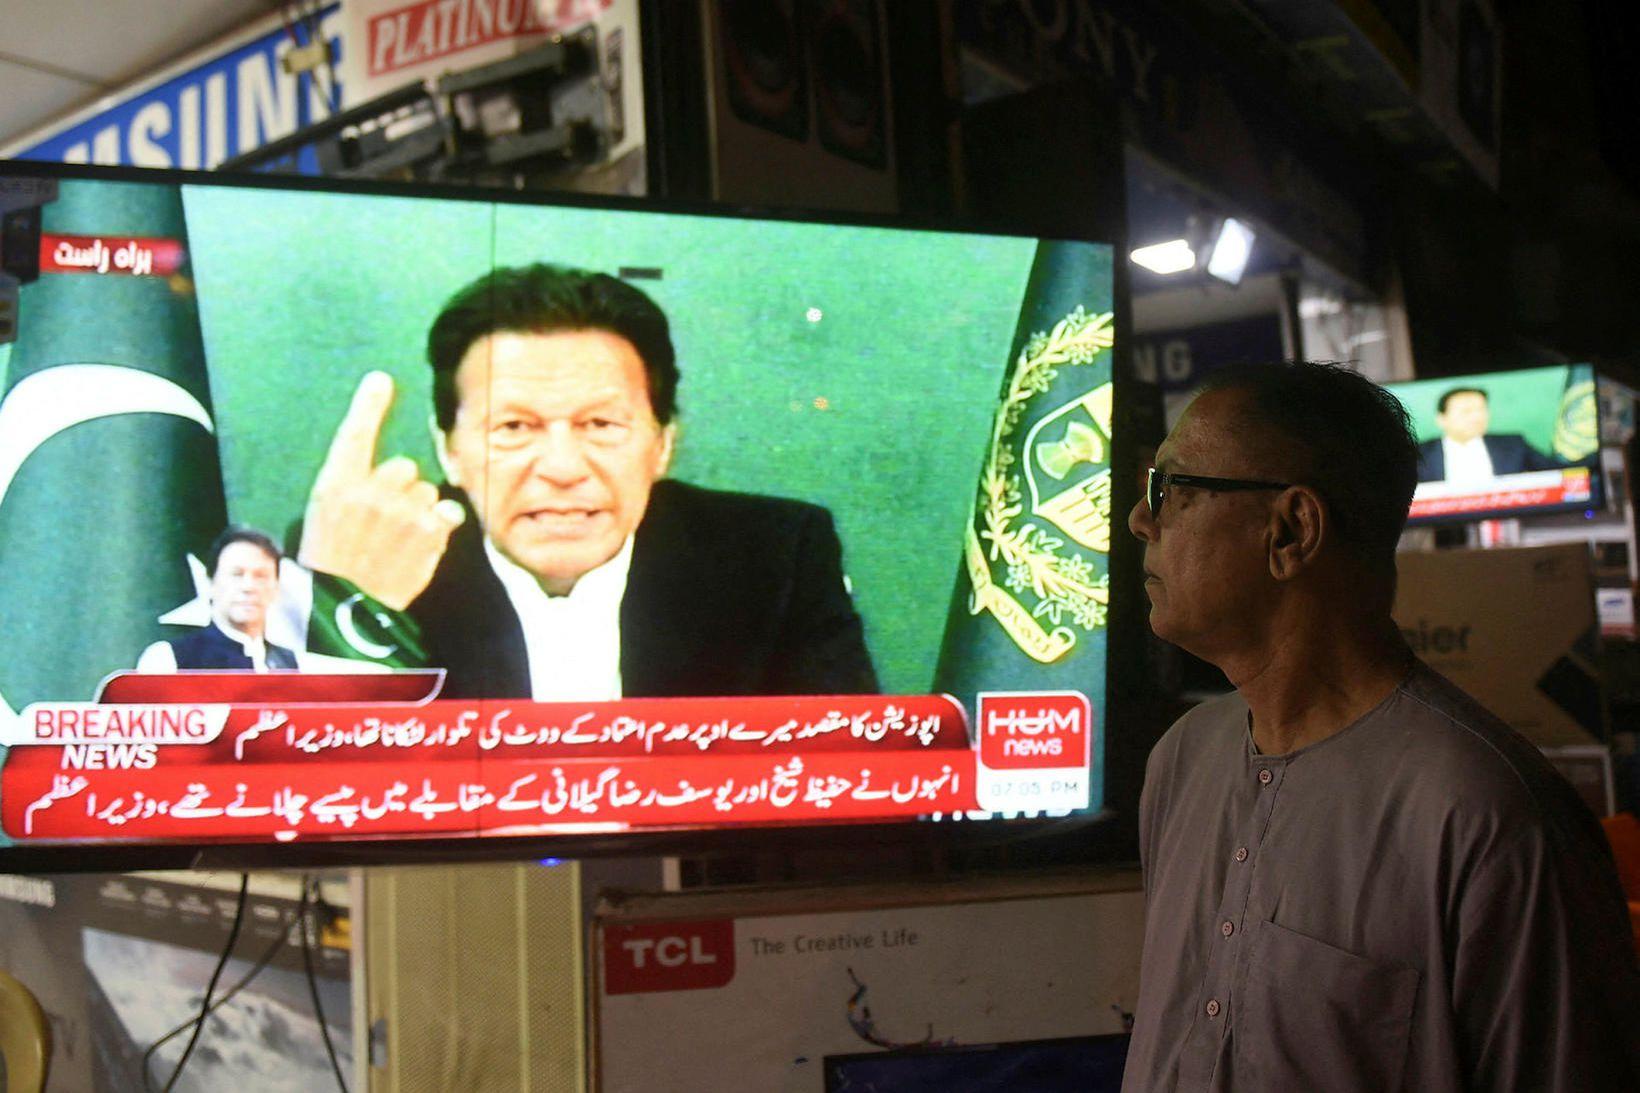 Forsætisráðherra Pakistans, Imran Khan, sést hér ávarpa þjóð sína.